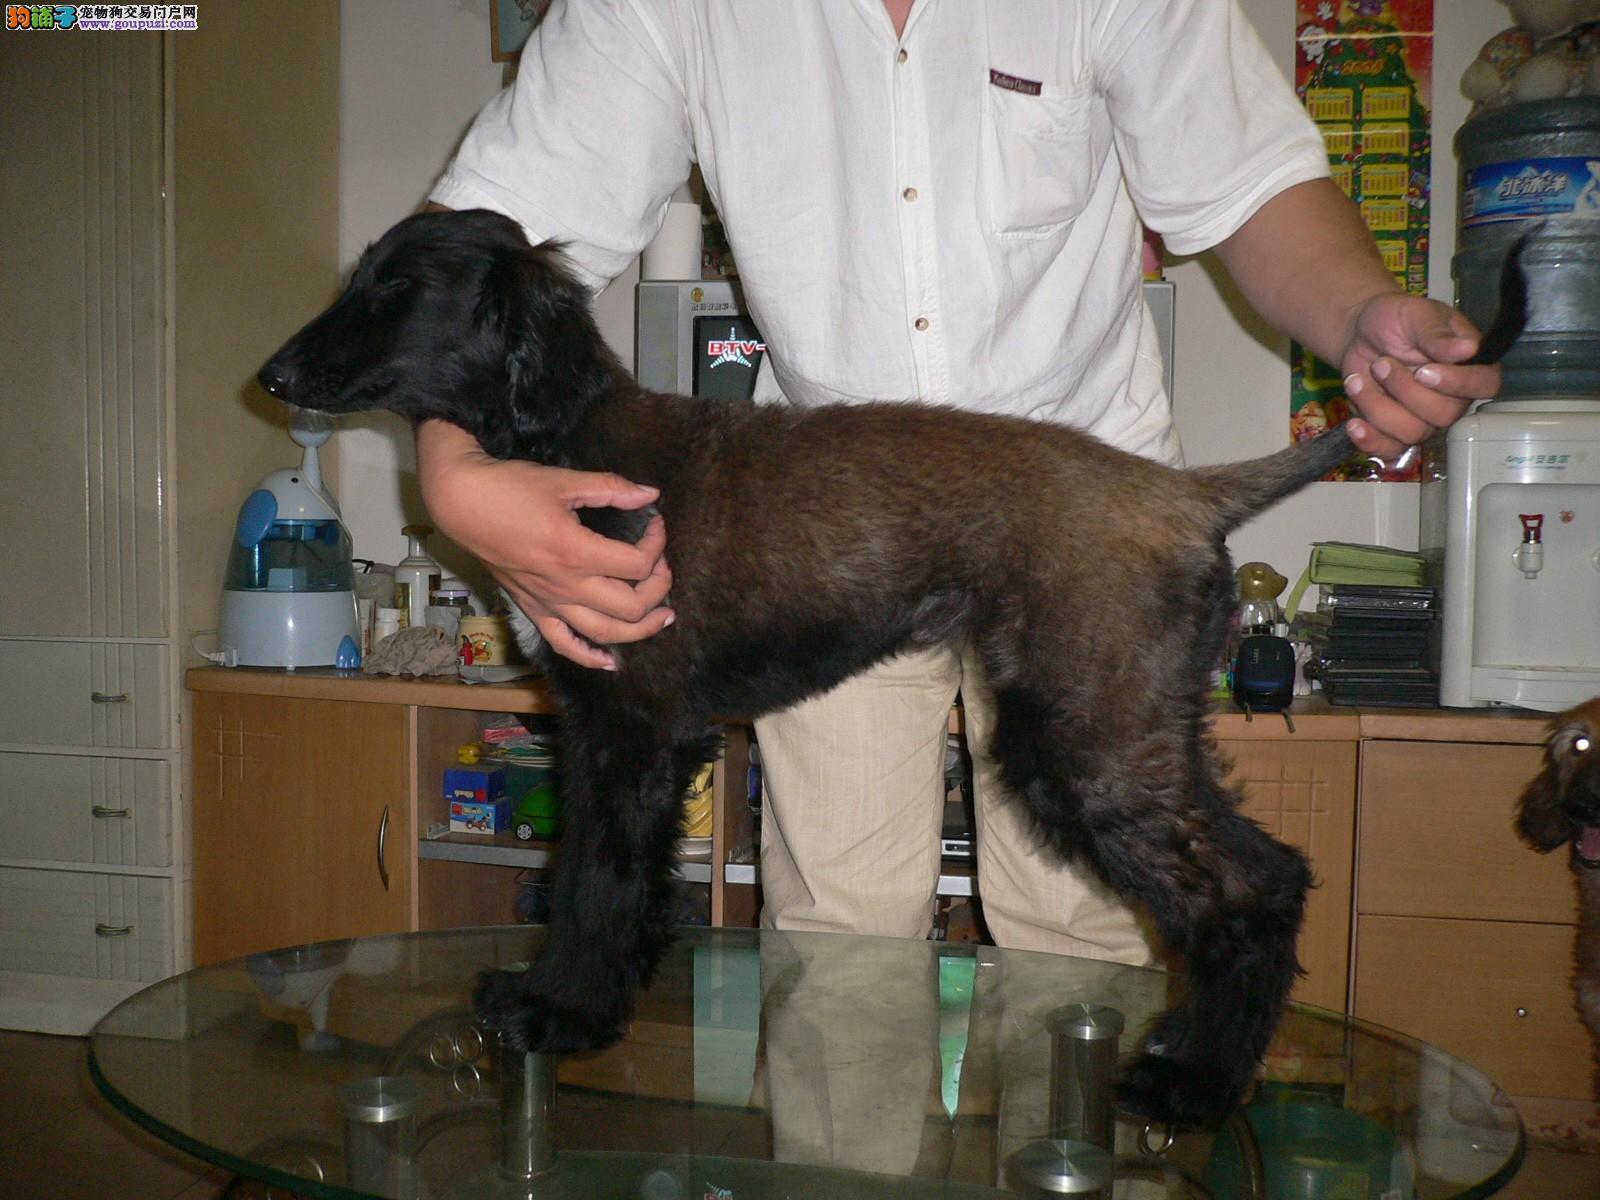 正宗极品济南阿富汗猎犬绝对血统纯正质量三包完美售后